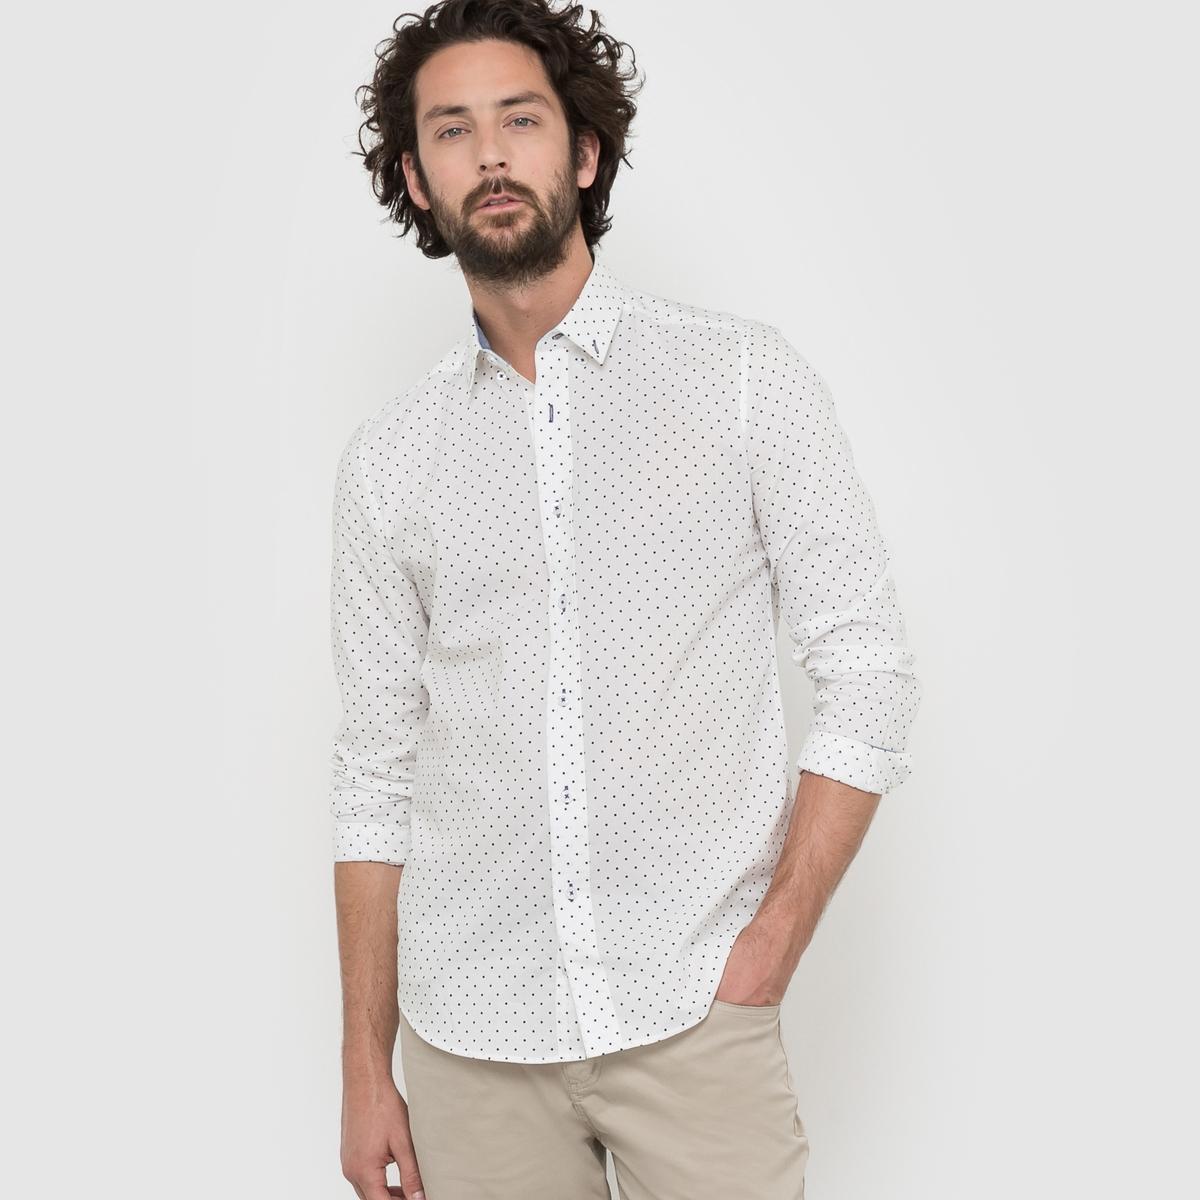 Рубашка узкого покроя с рисунком с длинными рукавамиСостав и описаниеМатериал : 55% хлопка, 45% полиэстераМарка :      R ?ditionУходМашинная стирка при 30 °CСтирать с вещами схожих цветовГладить с изнаночной стороны.<br><br>Цвет: в горошек